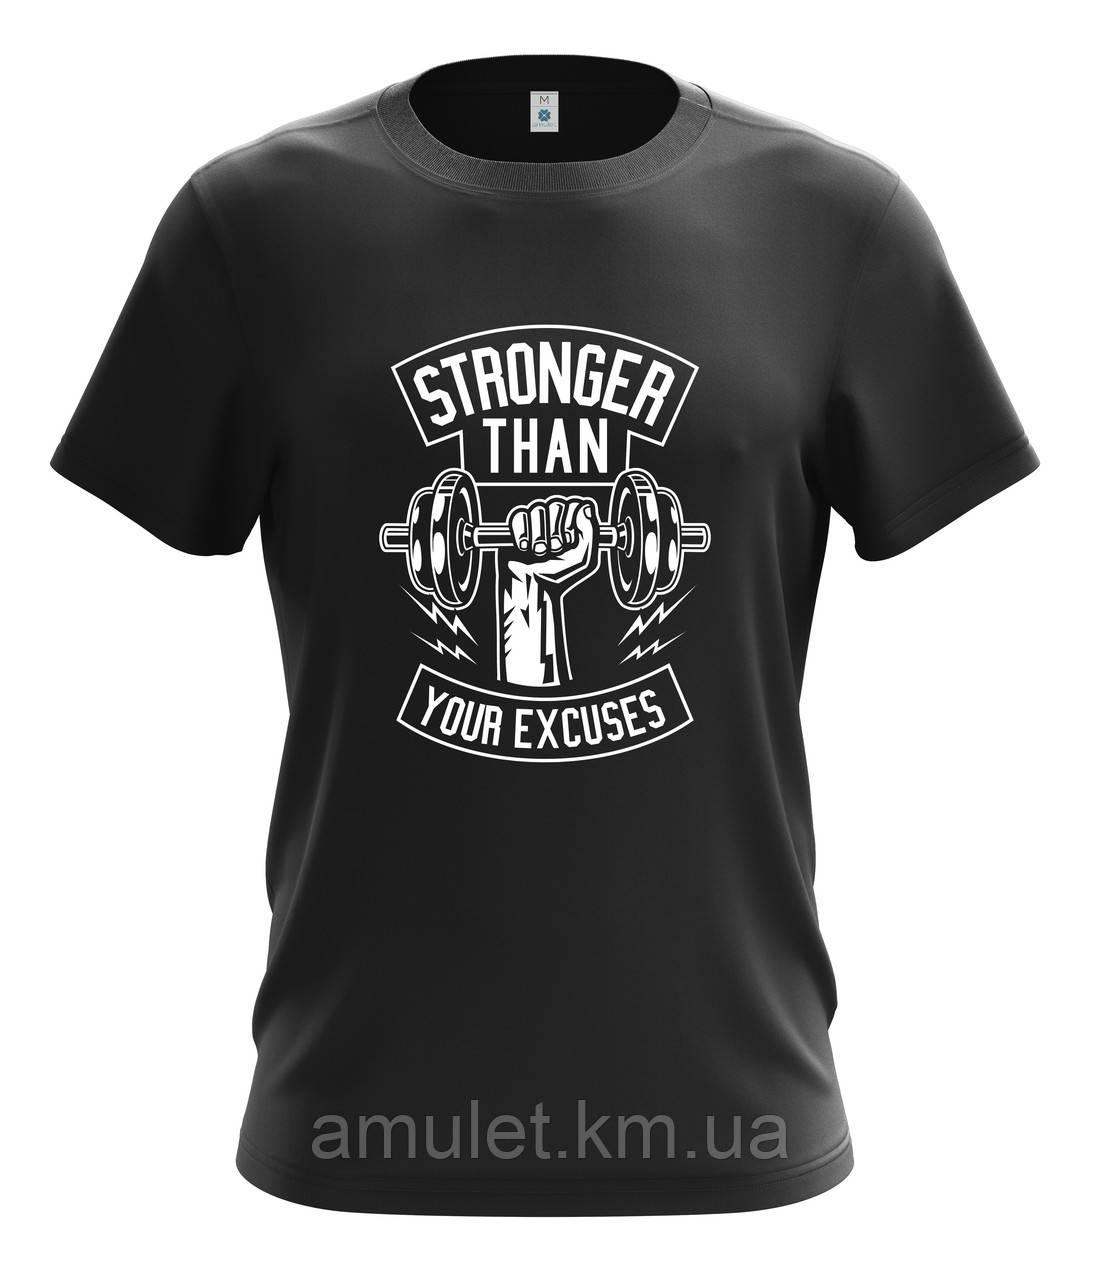 """Футболка чоловіча спортивна """"Stronger in GYM"""" Чорний, XXL"""